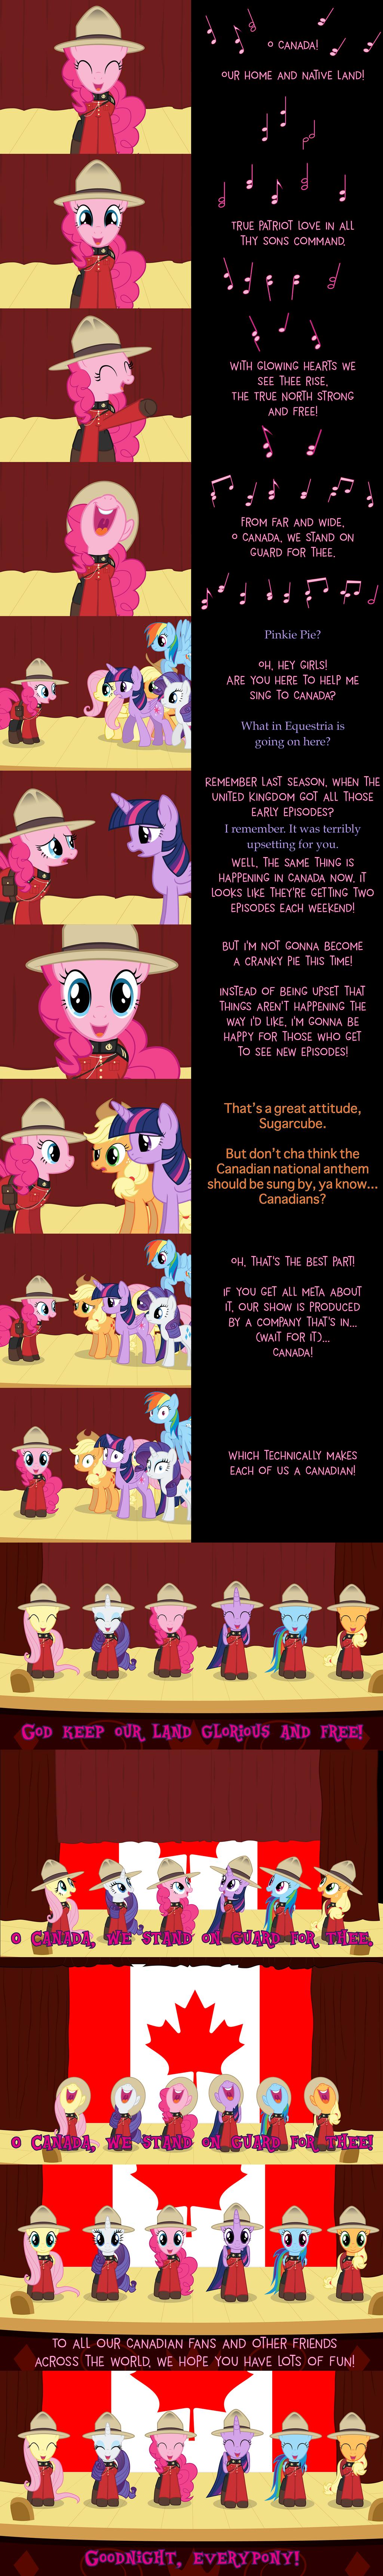 Pinkie Pie Says Goodnight: O Canada